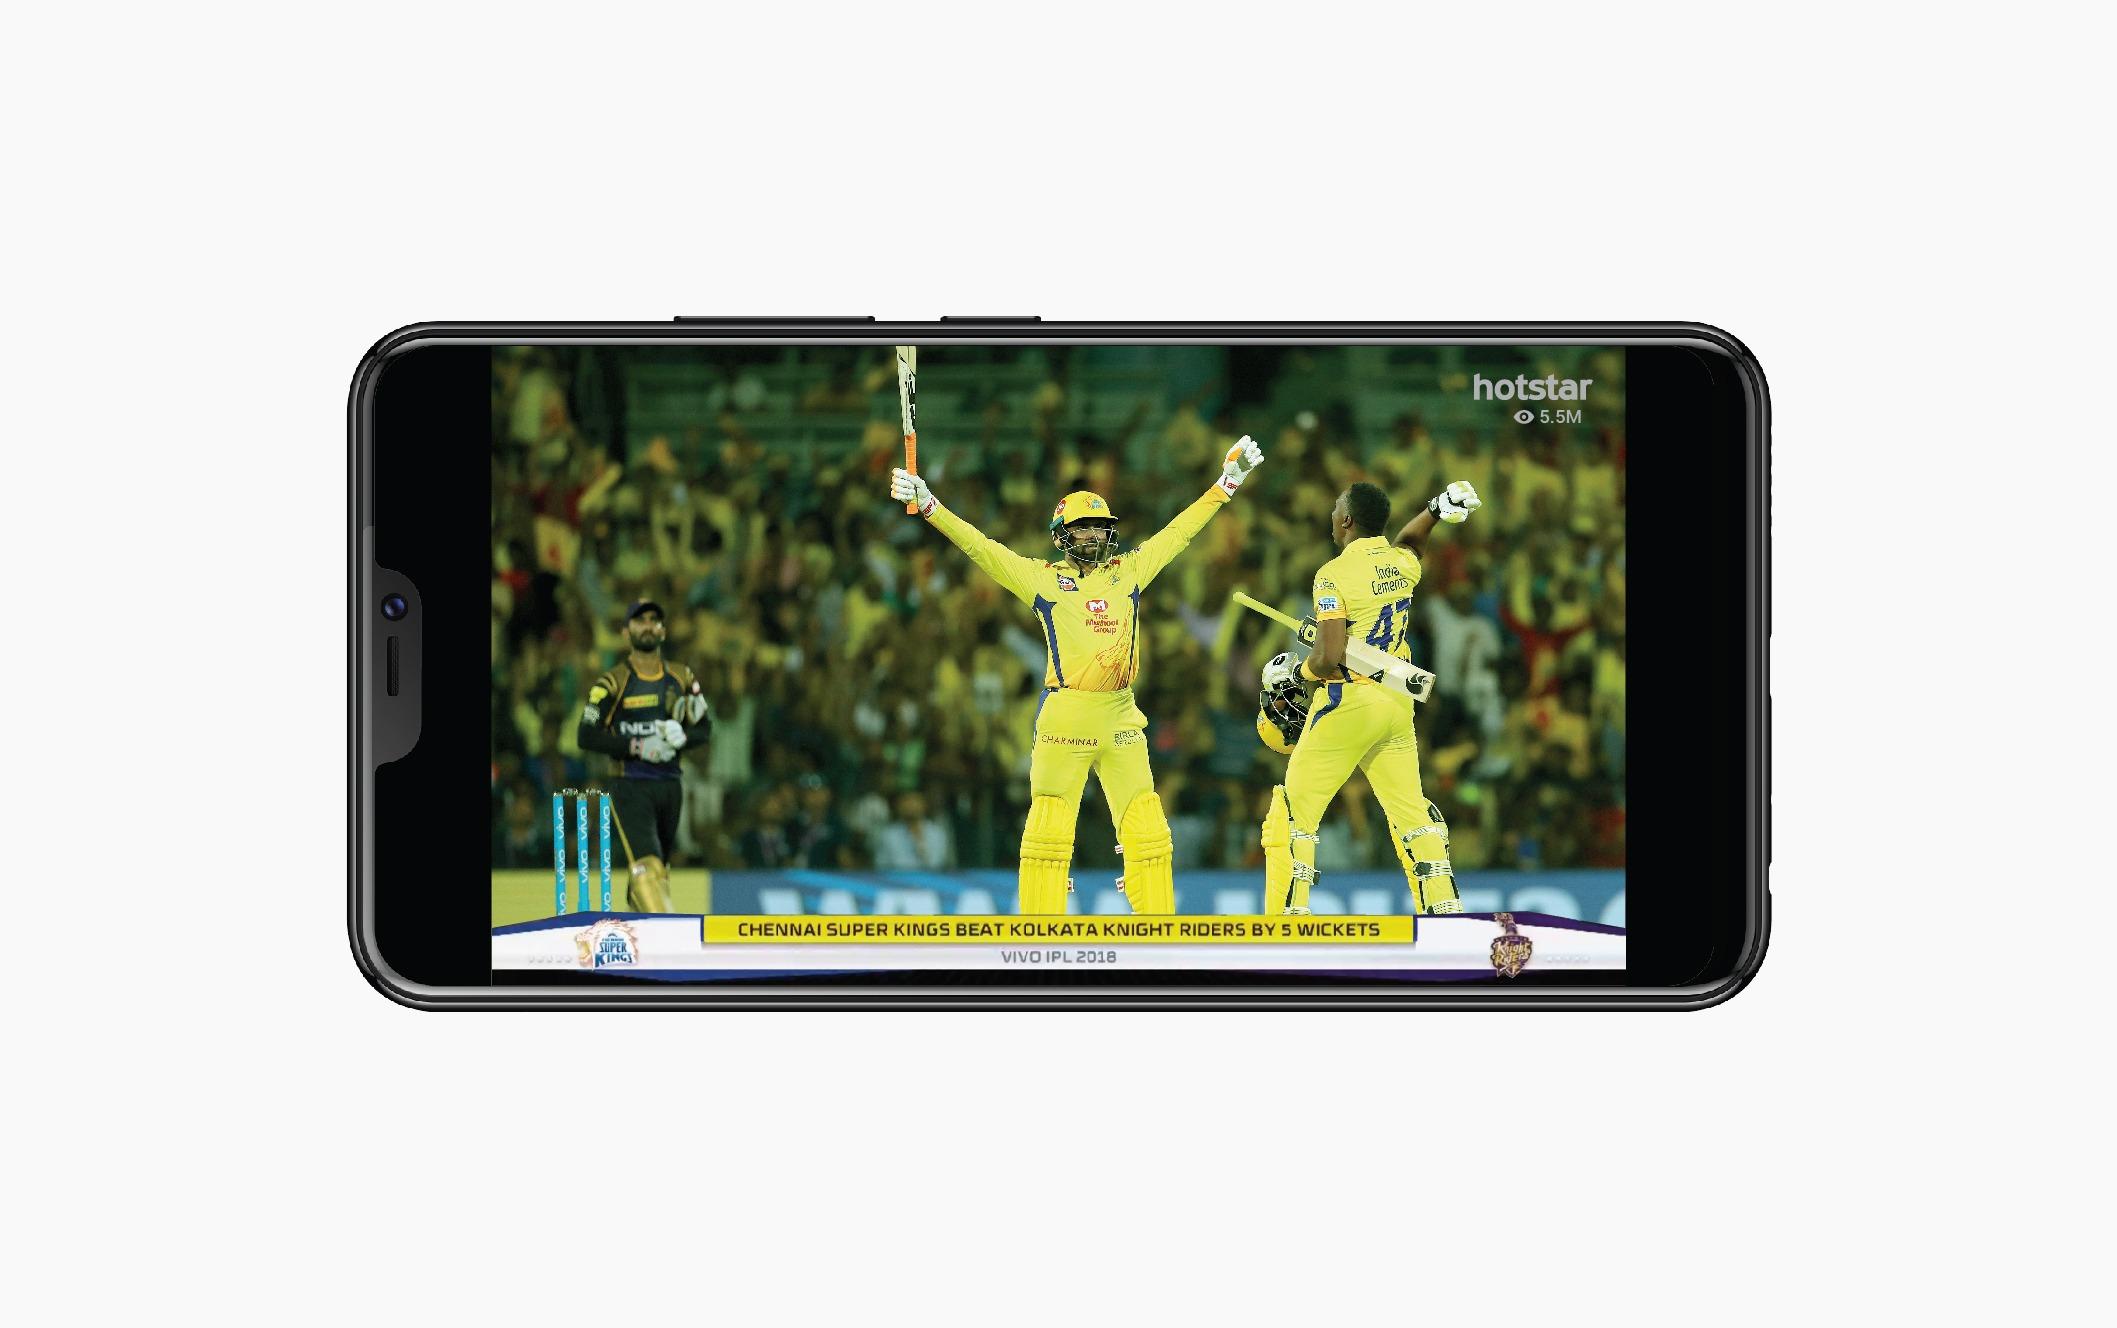 IPL's CSK versus KKR cricket match sets Hotstar's global